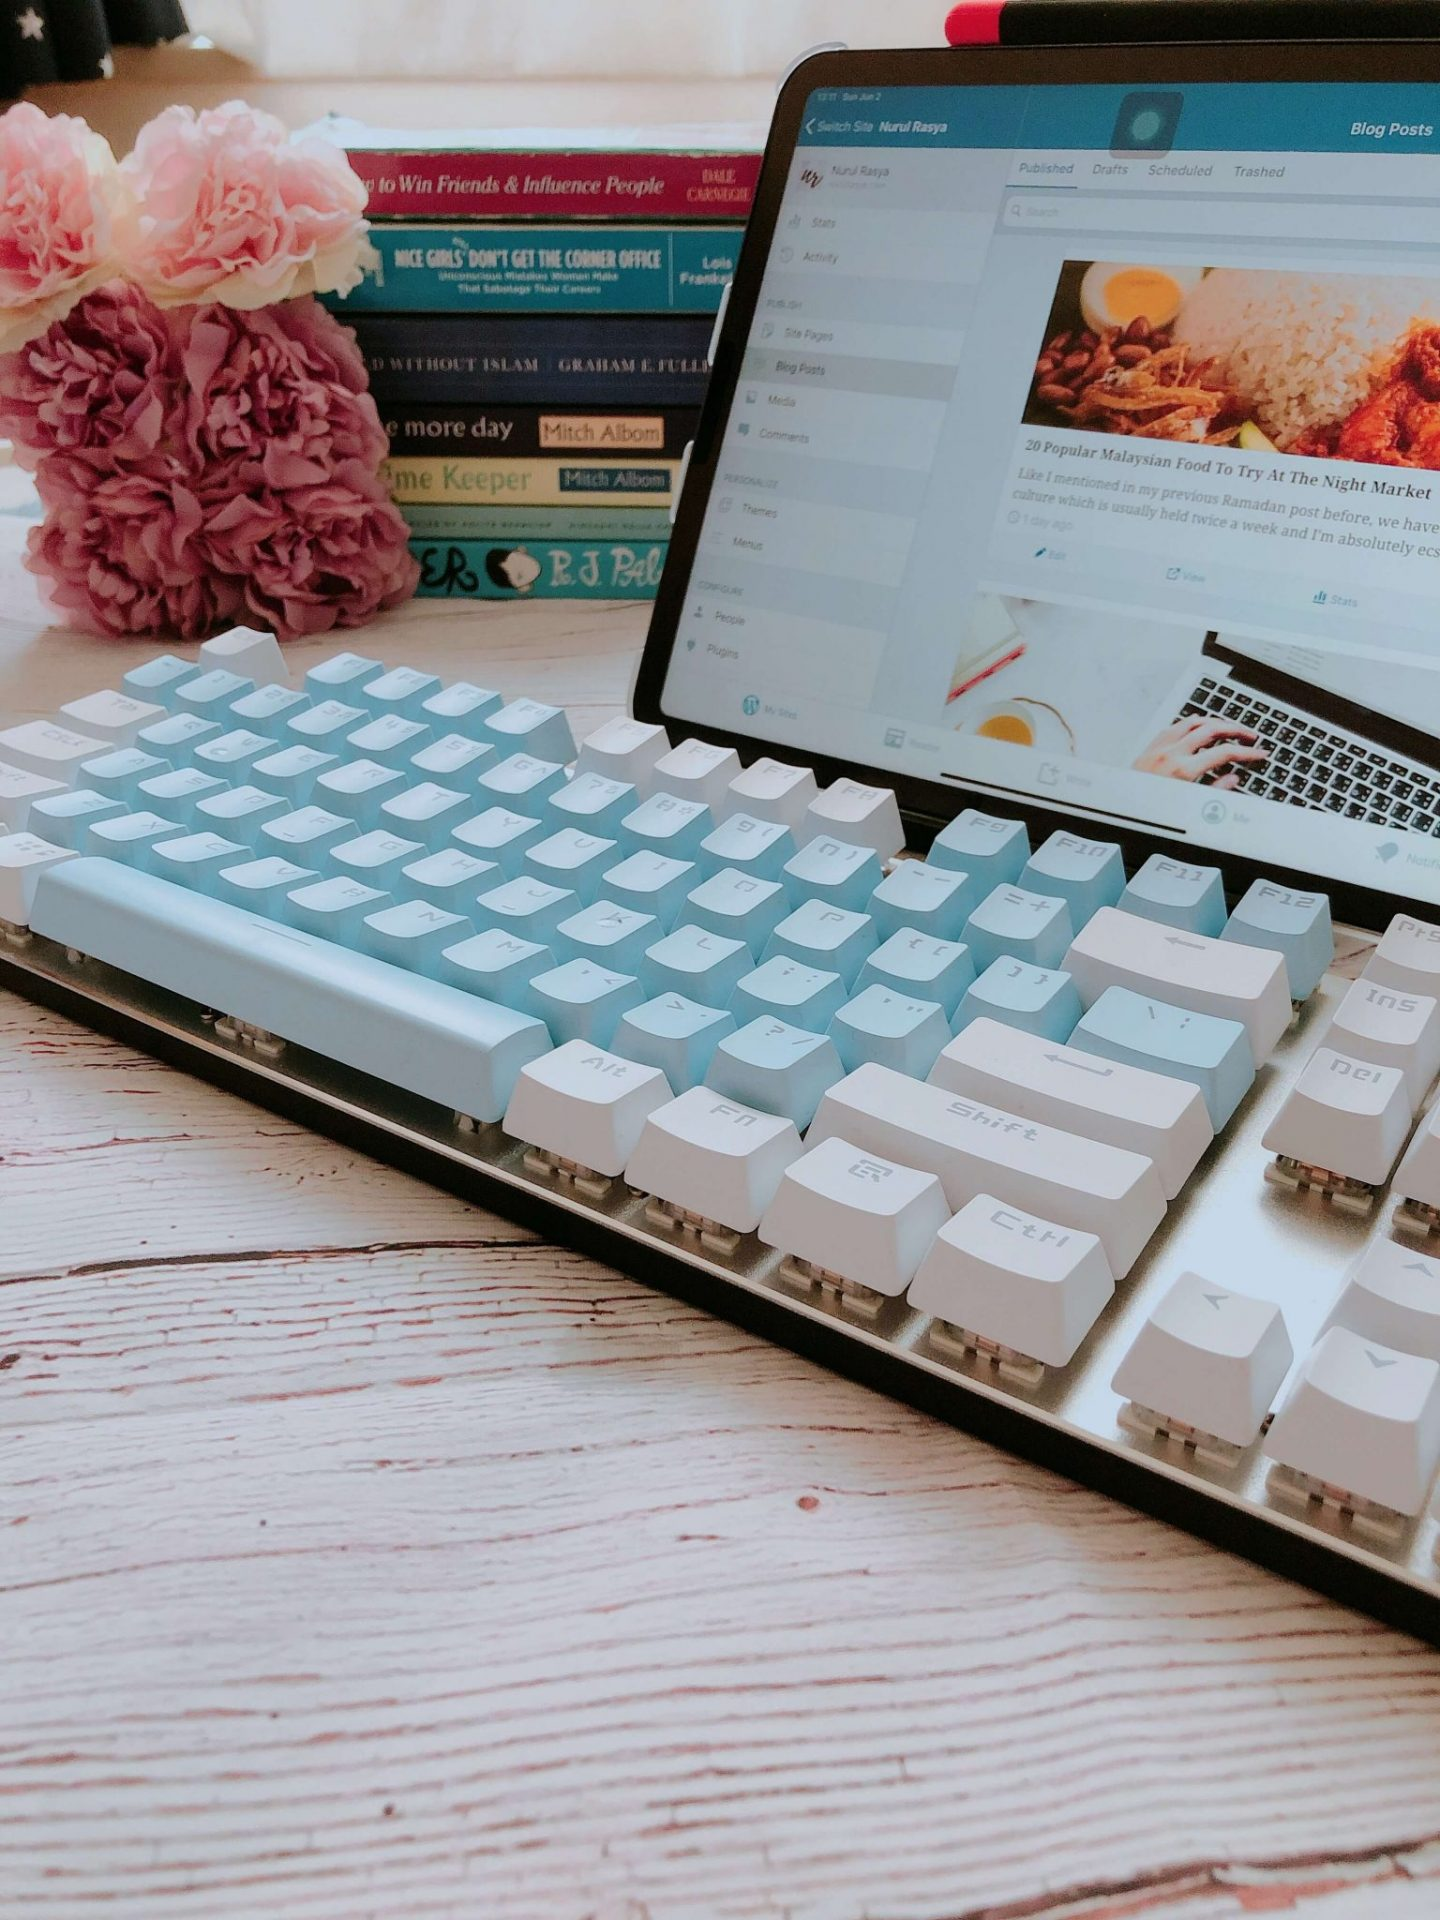 Blue White Full Keyboard